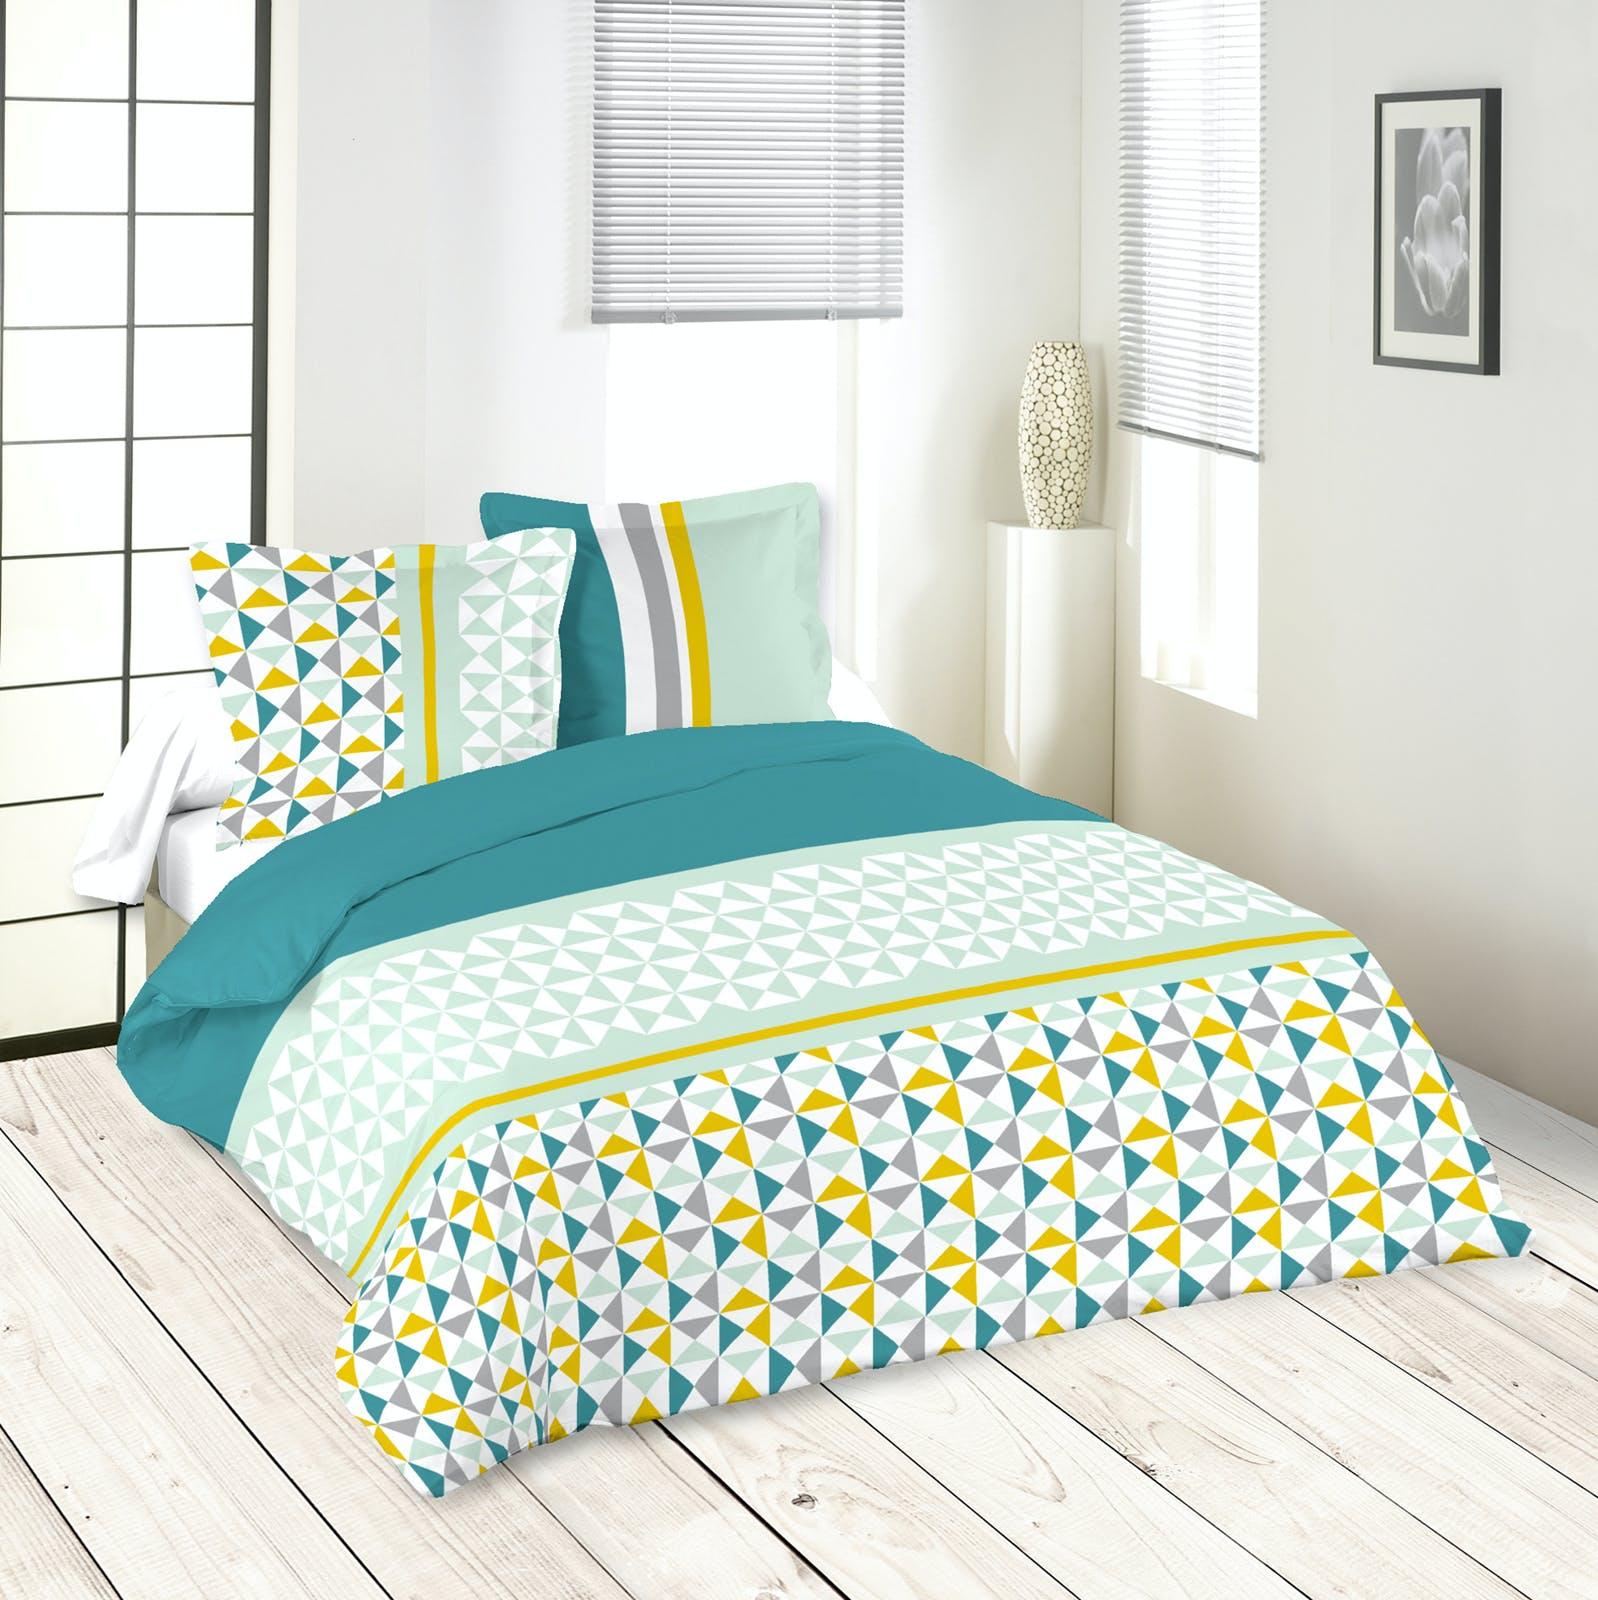 Parure de lit motifs g om triques bleu jaune gris 260x240 - Housse de couette gris clair ...